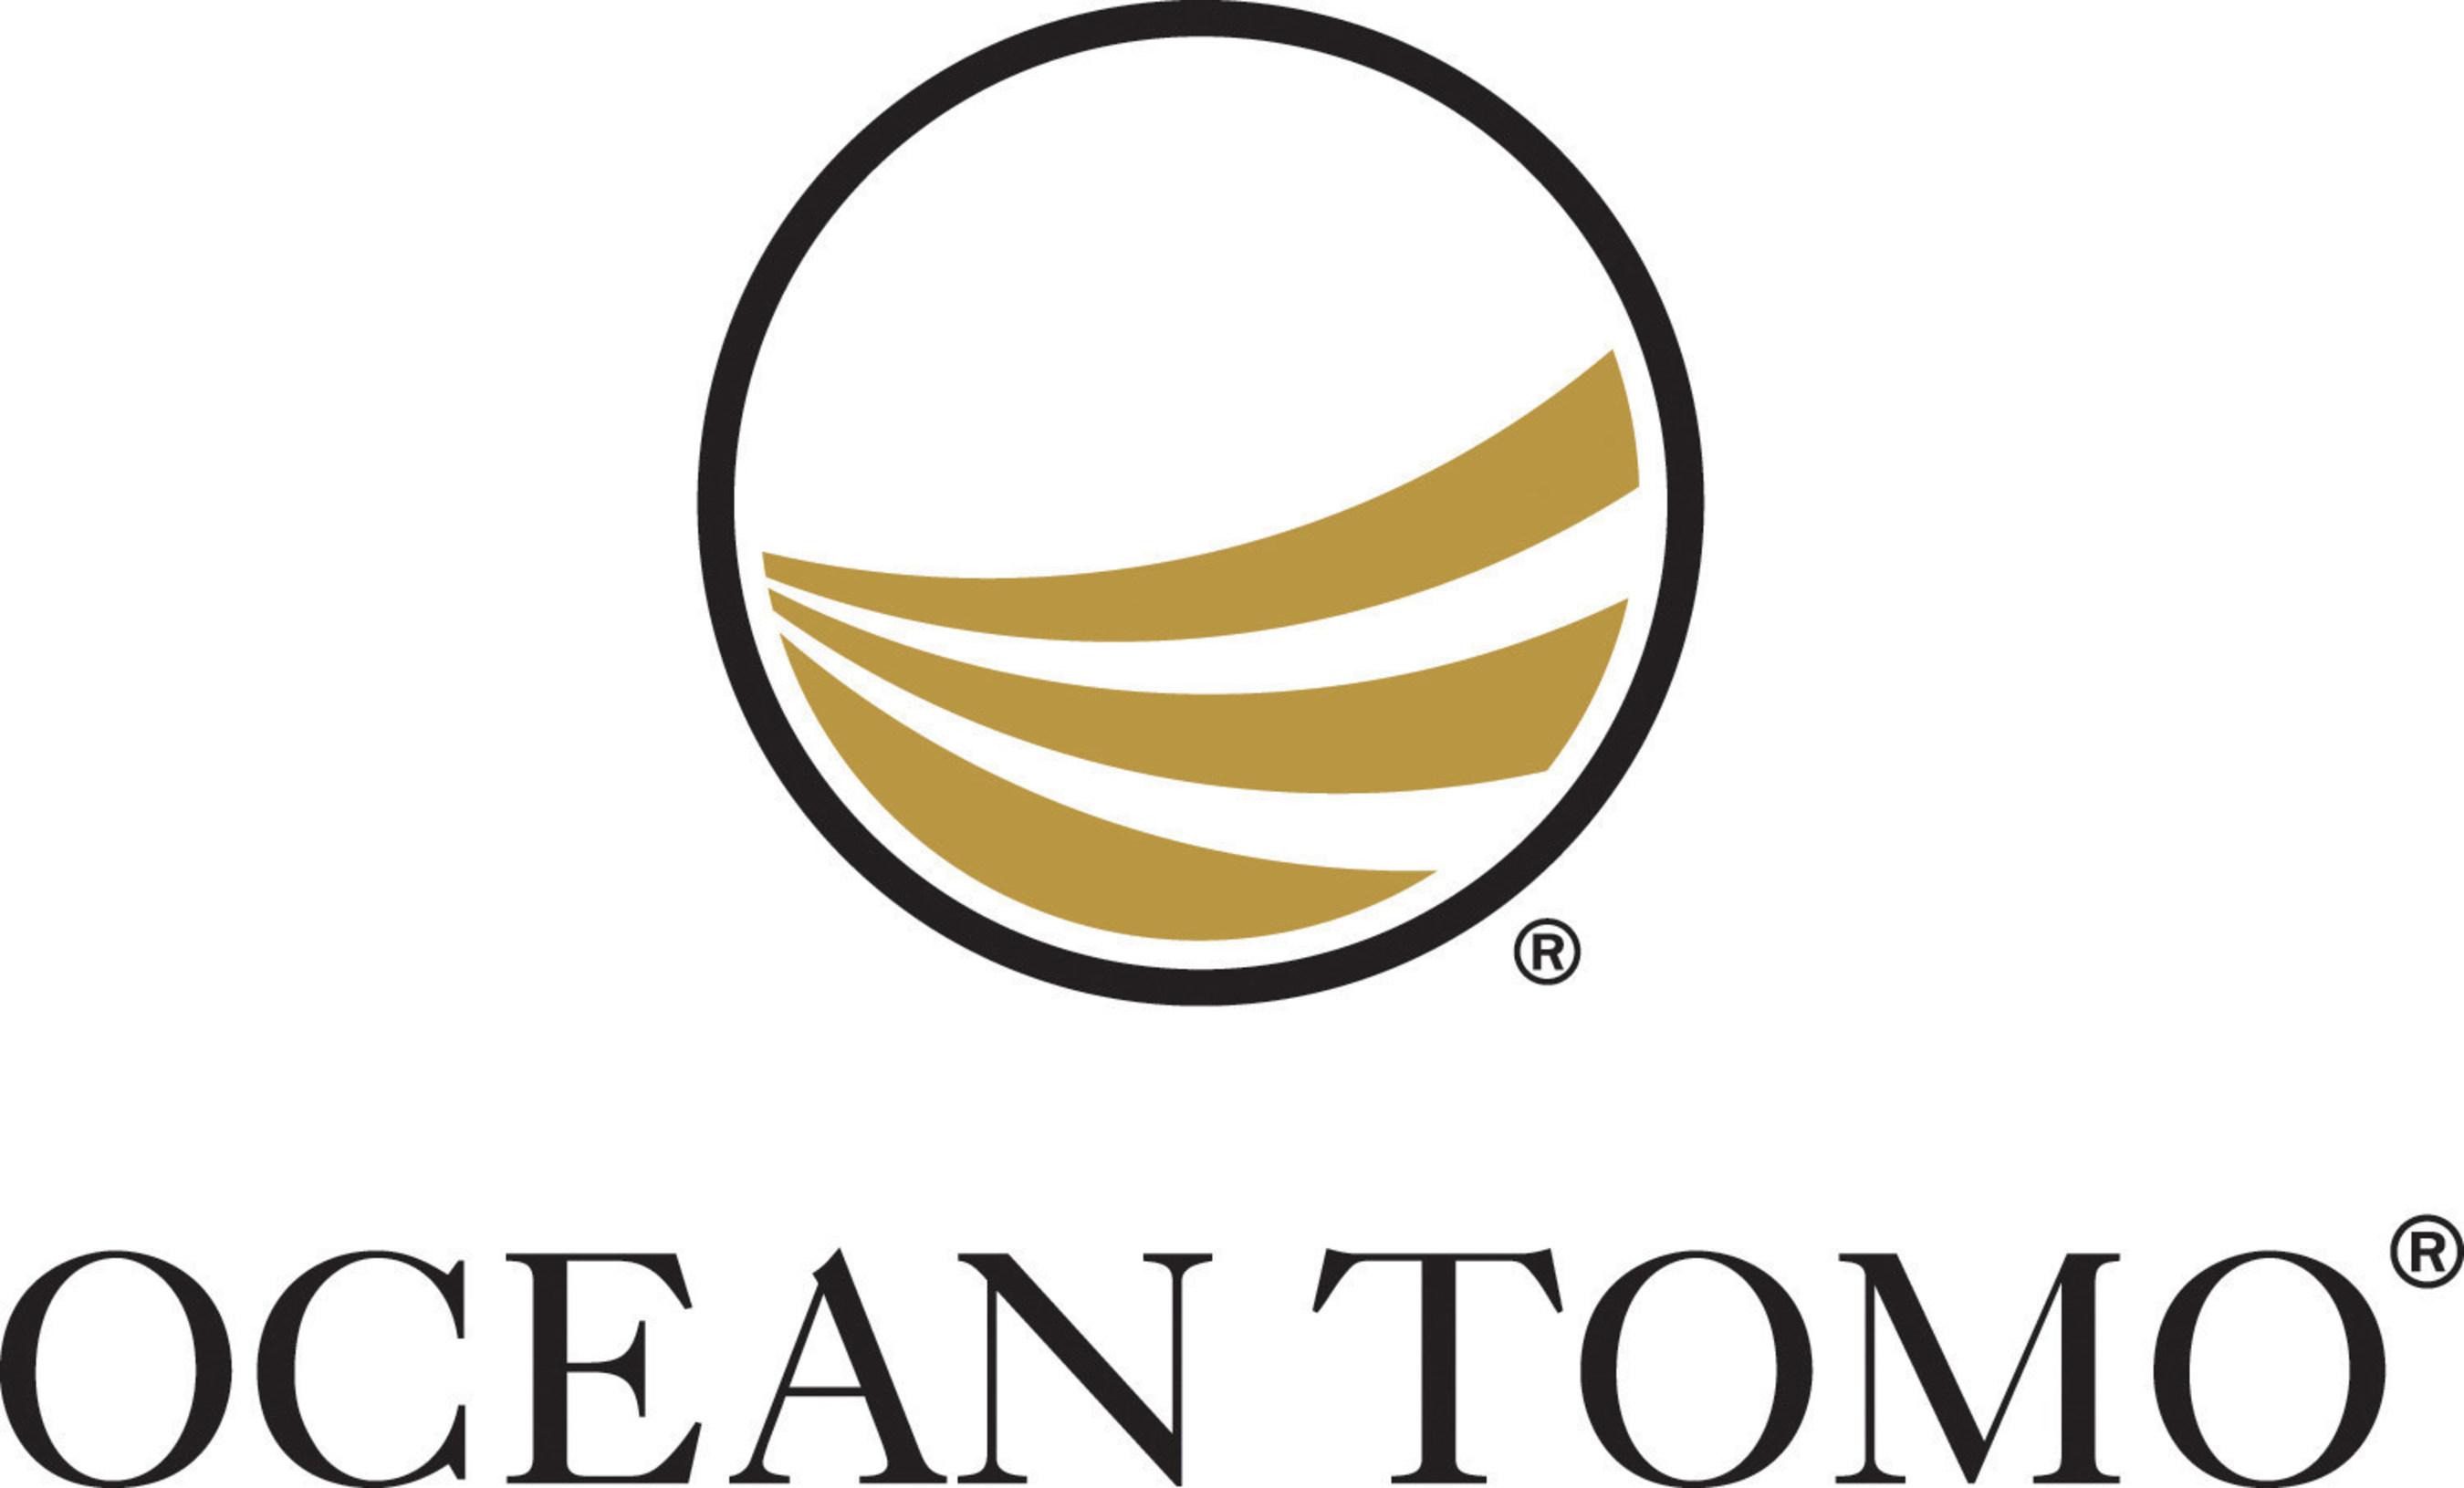 Ocean Tomo Serves as Transaction Advisor to BASF SE on OLED